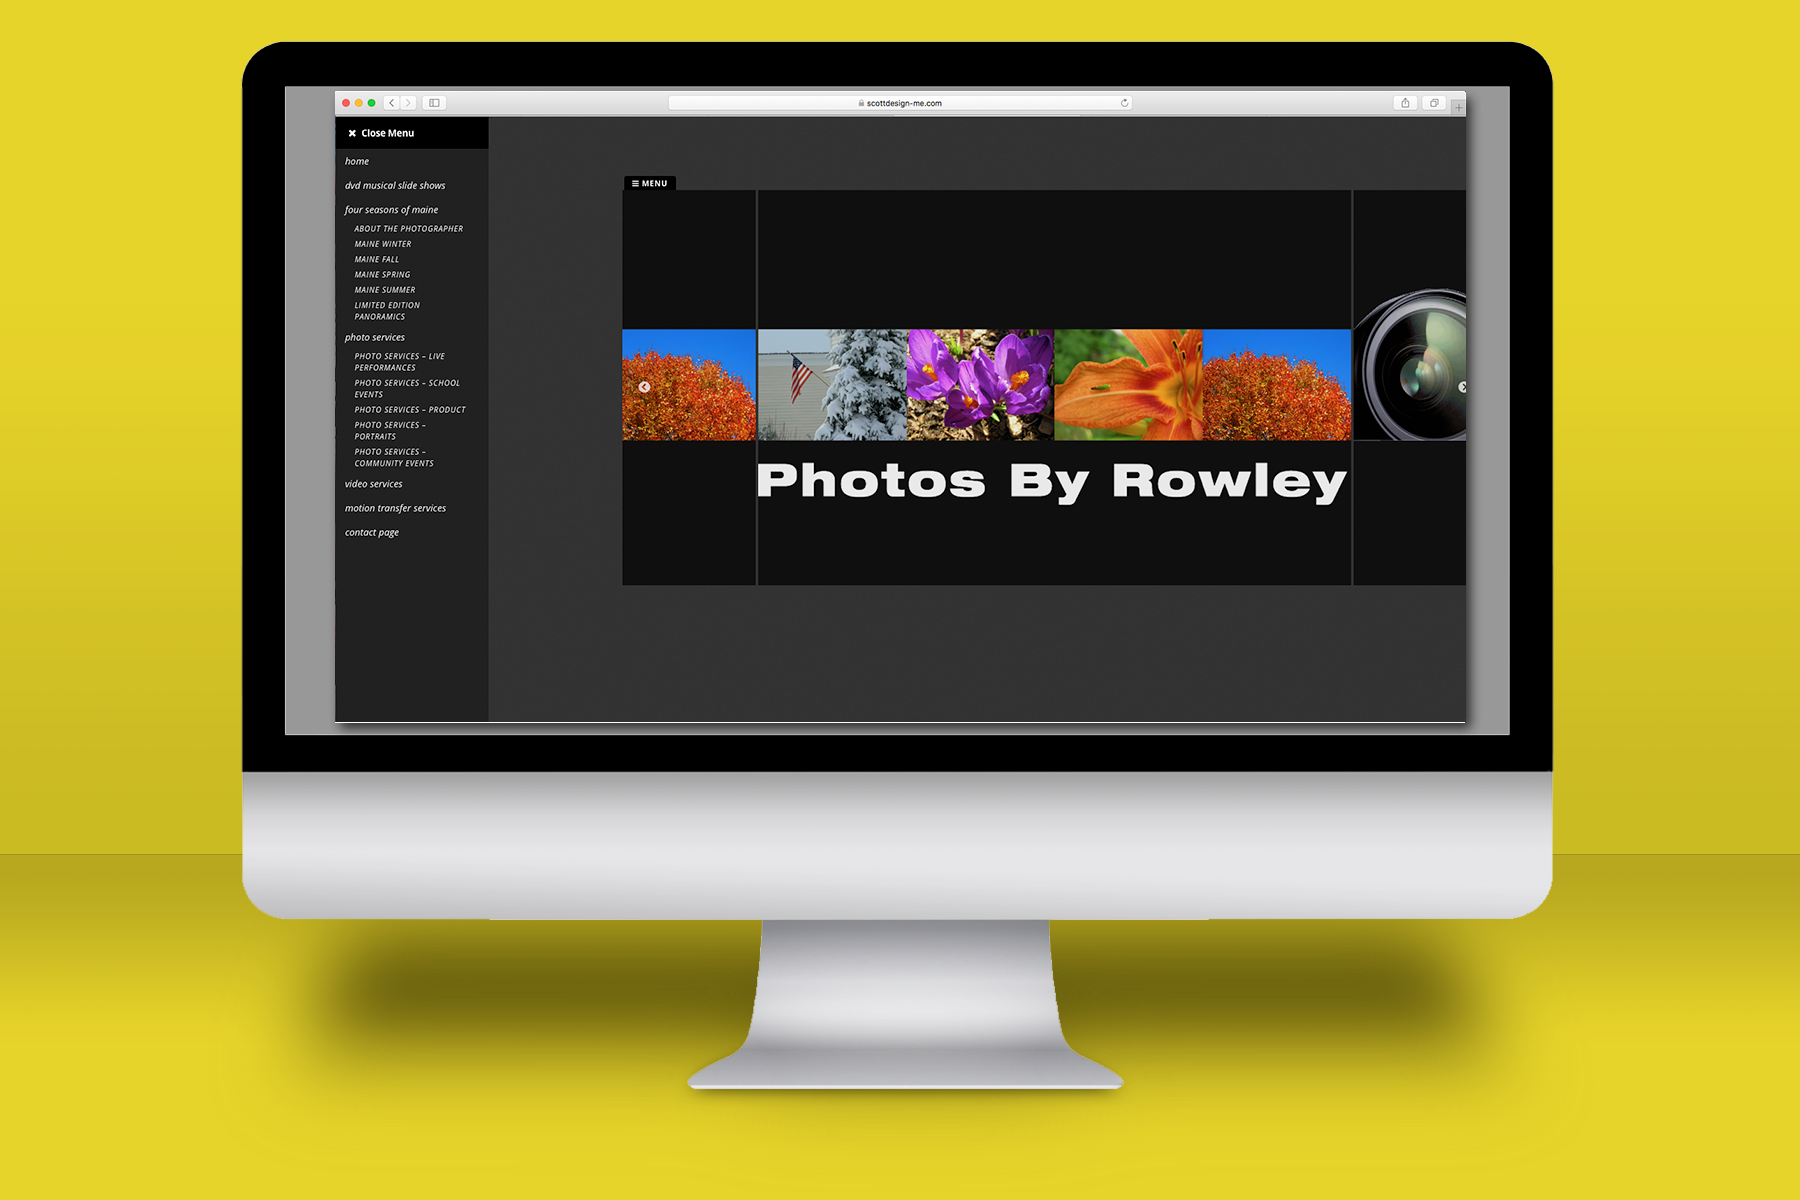 web_photos_by_rowley_02a